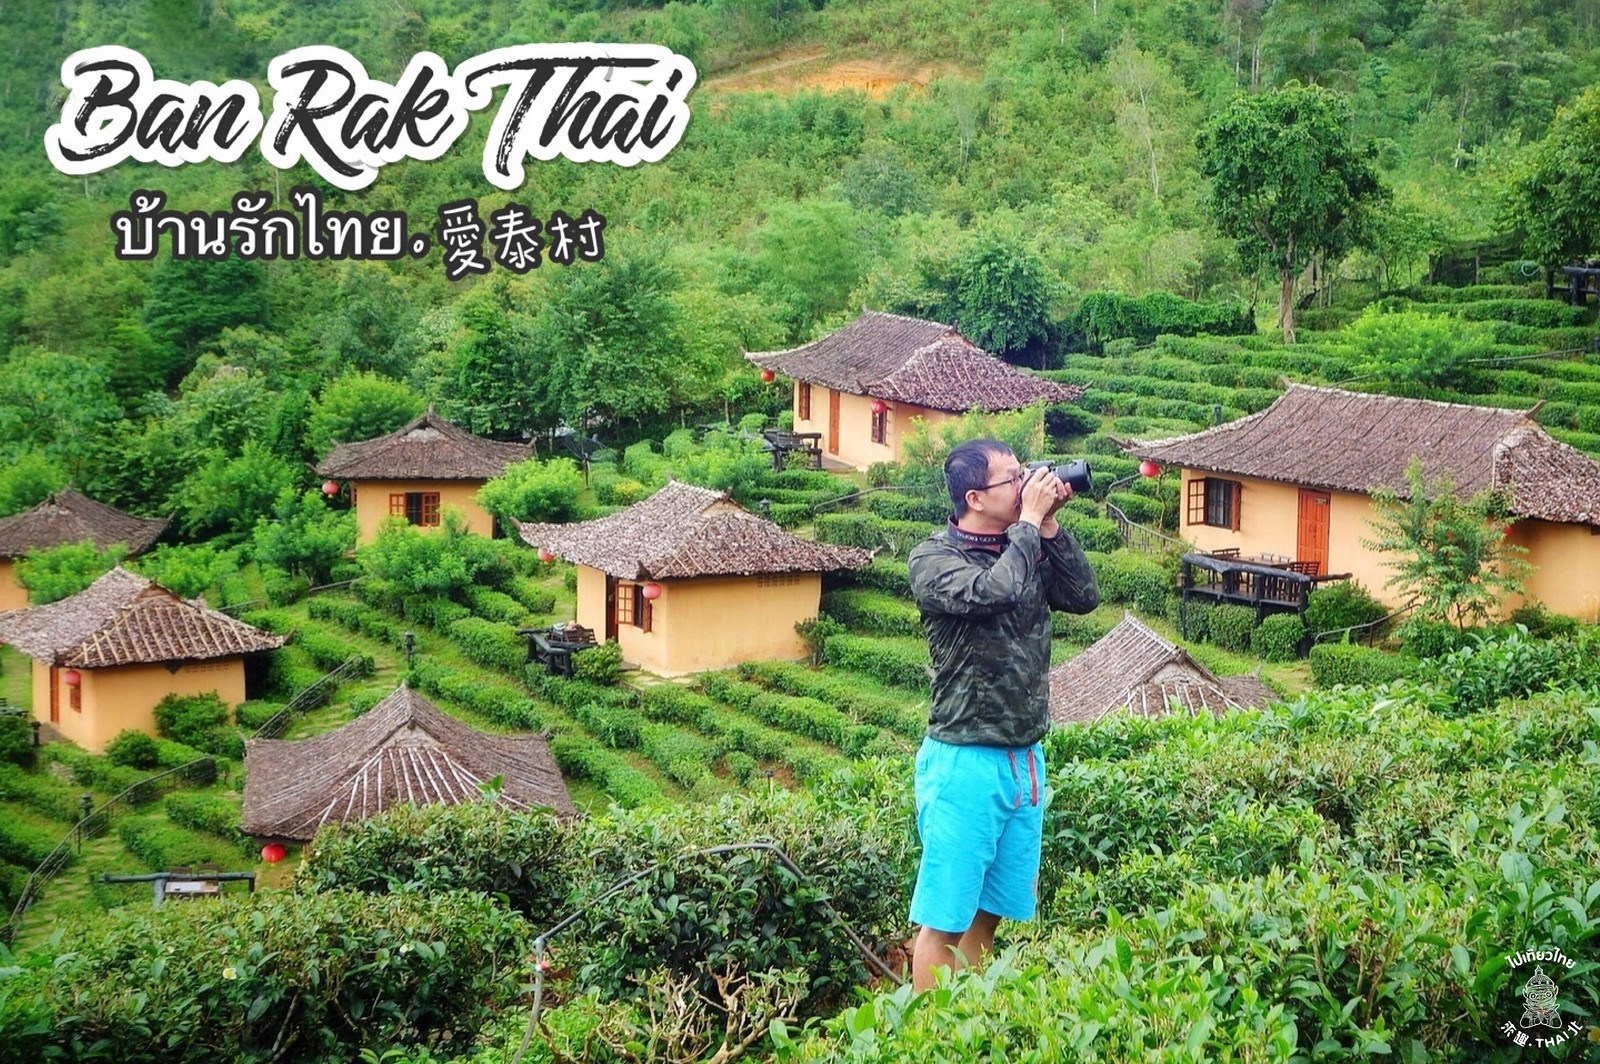 被山巒環抱的《บ้านรักไทย 愛泰村 Ban Rak Thai》